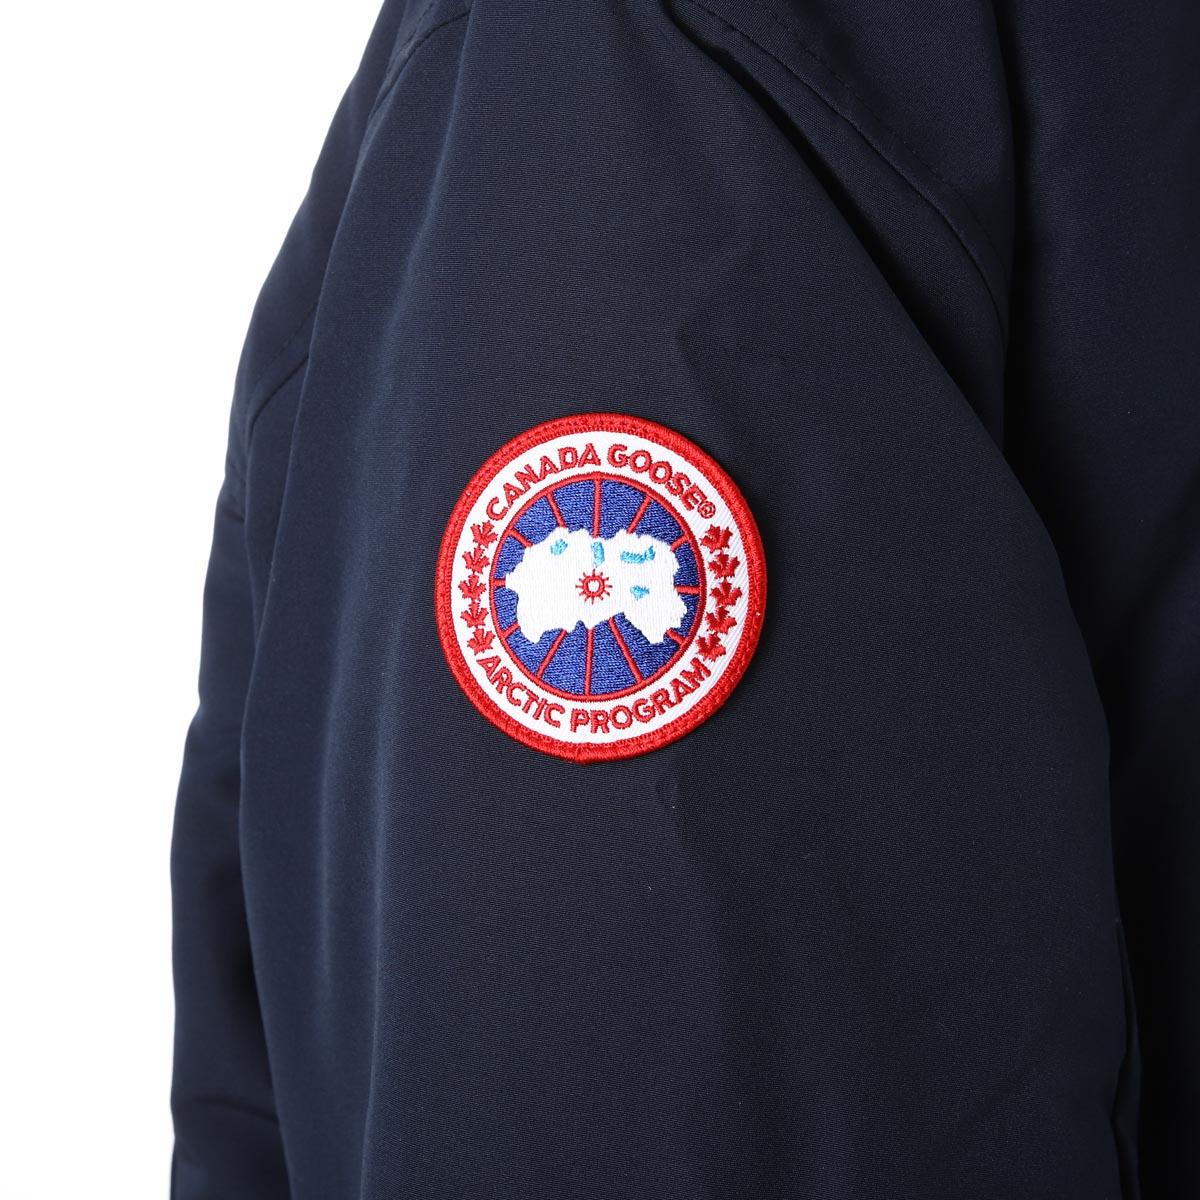 CANADA GOOSE カナダグース フーデッド ダウンジャケット/SANFORD PARKA サンフォード パーカ メンズ